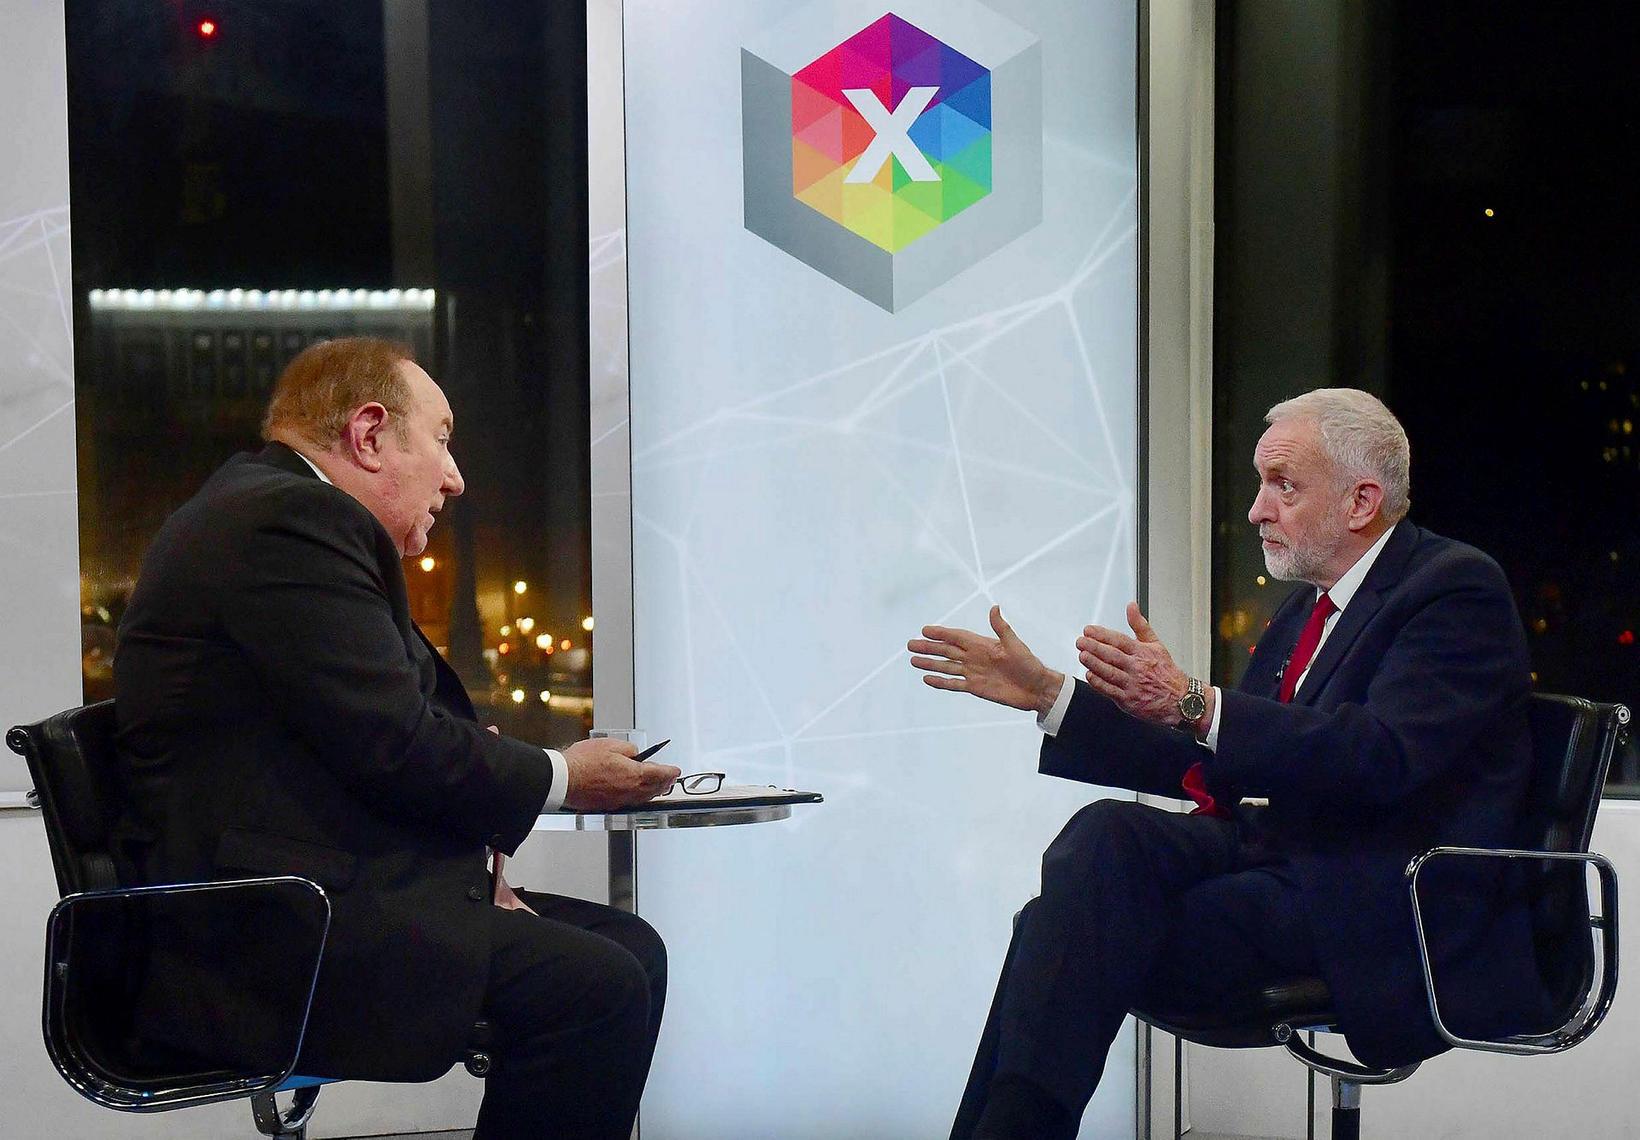 Þáttarstjórnandinn Andrew Neil gaf Corbyn færi á að biðjast afsökunar, ...